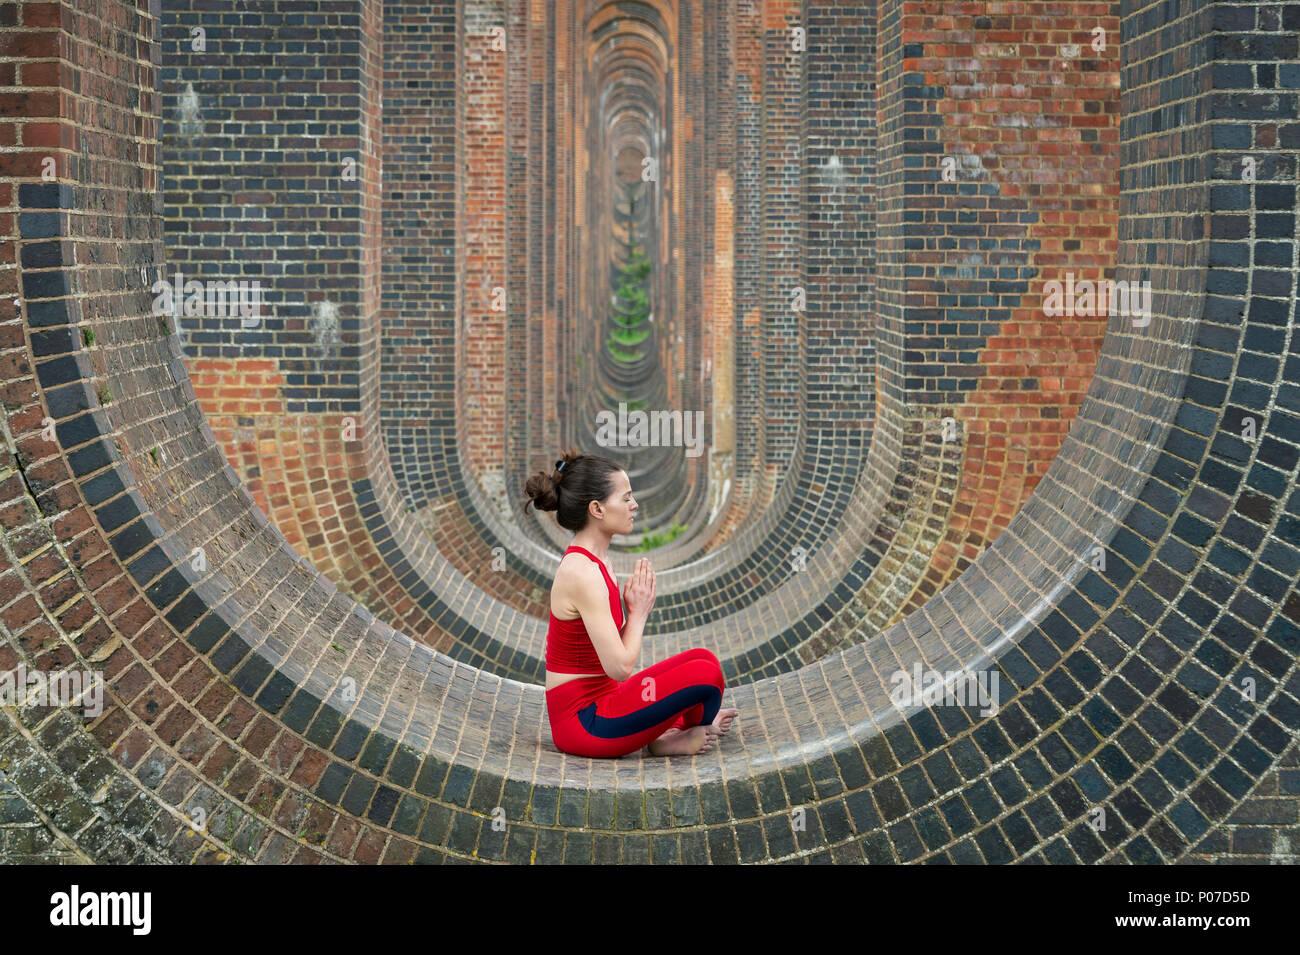 Femme assise dans les arcades de l'Ouse Valley Viaduct pratiquant le yoga et la méditation Photo Stock